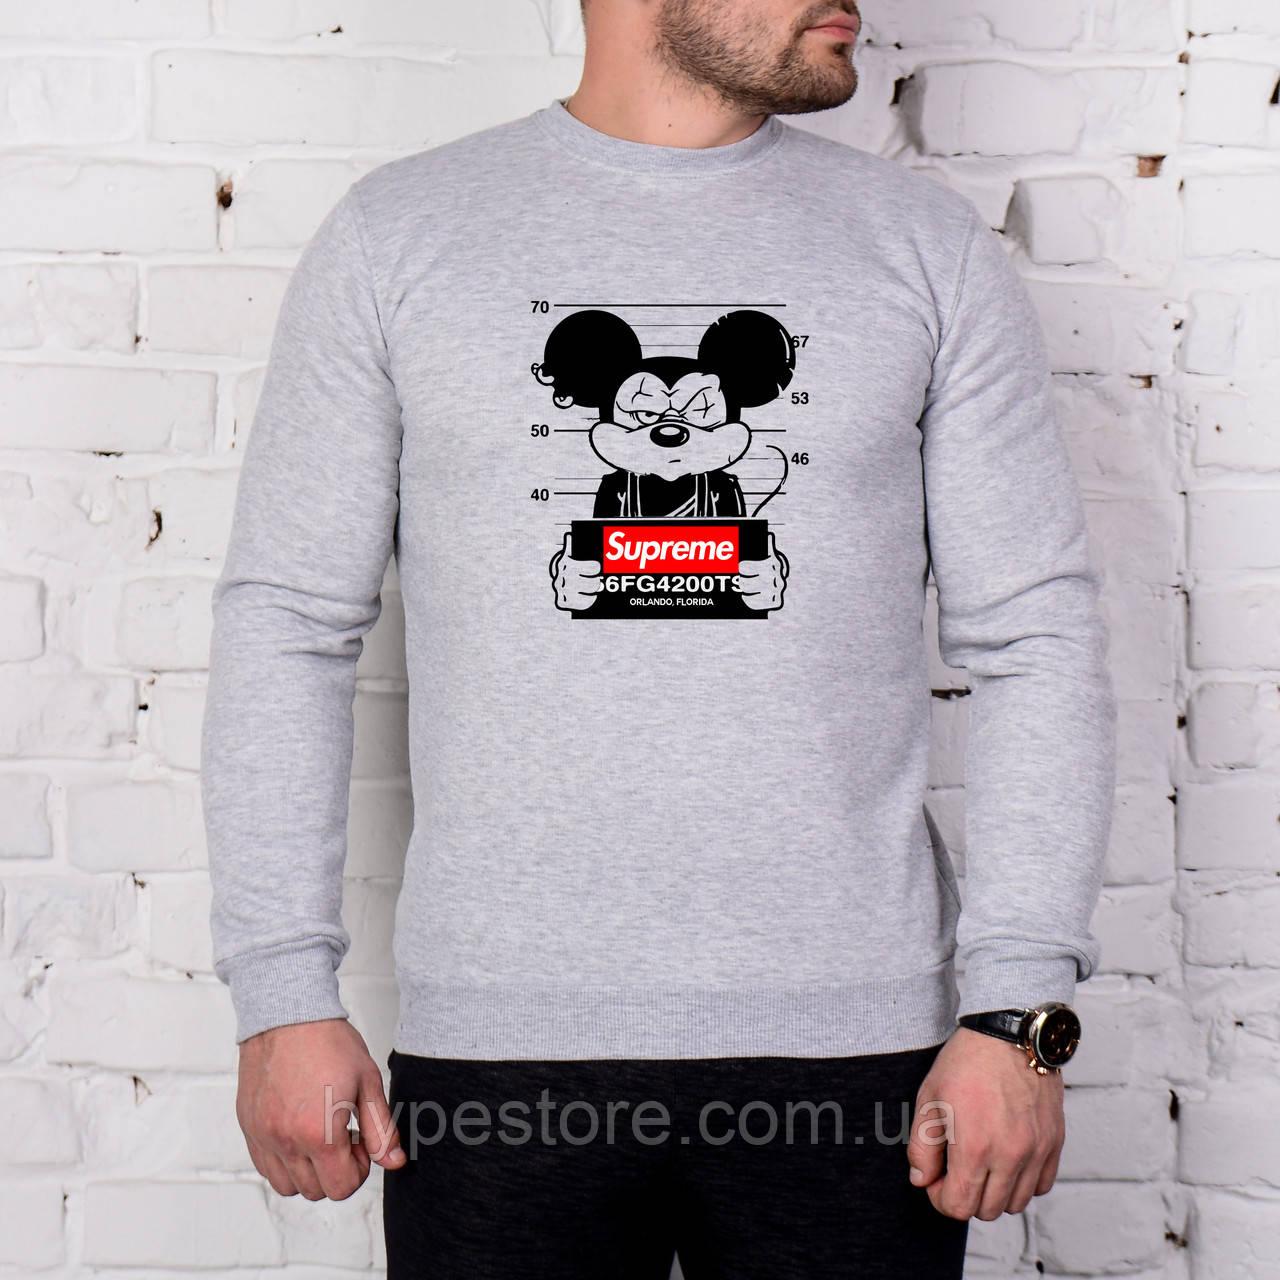 Мужской спортивный серый свитшот, кофта, лонгслив, реглан Supreme Mikki Mouse, Реплика